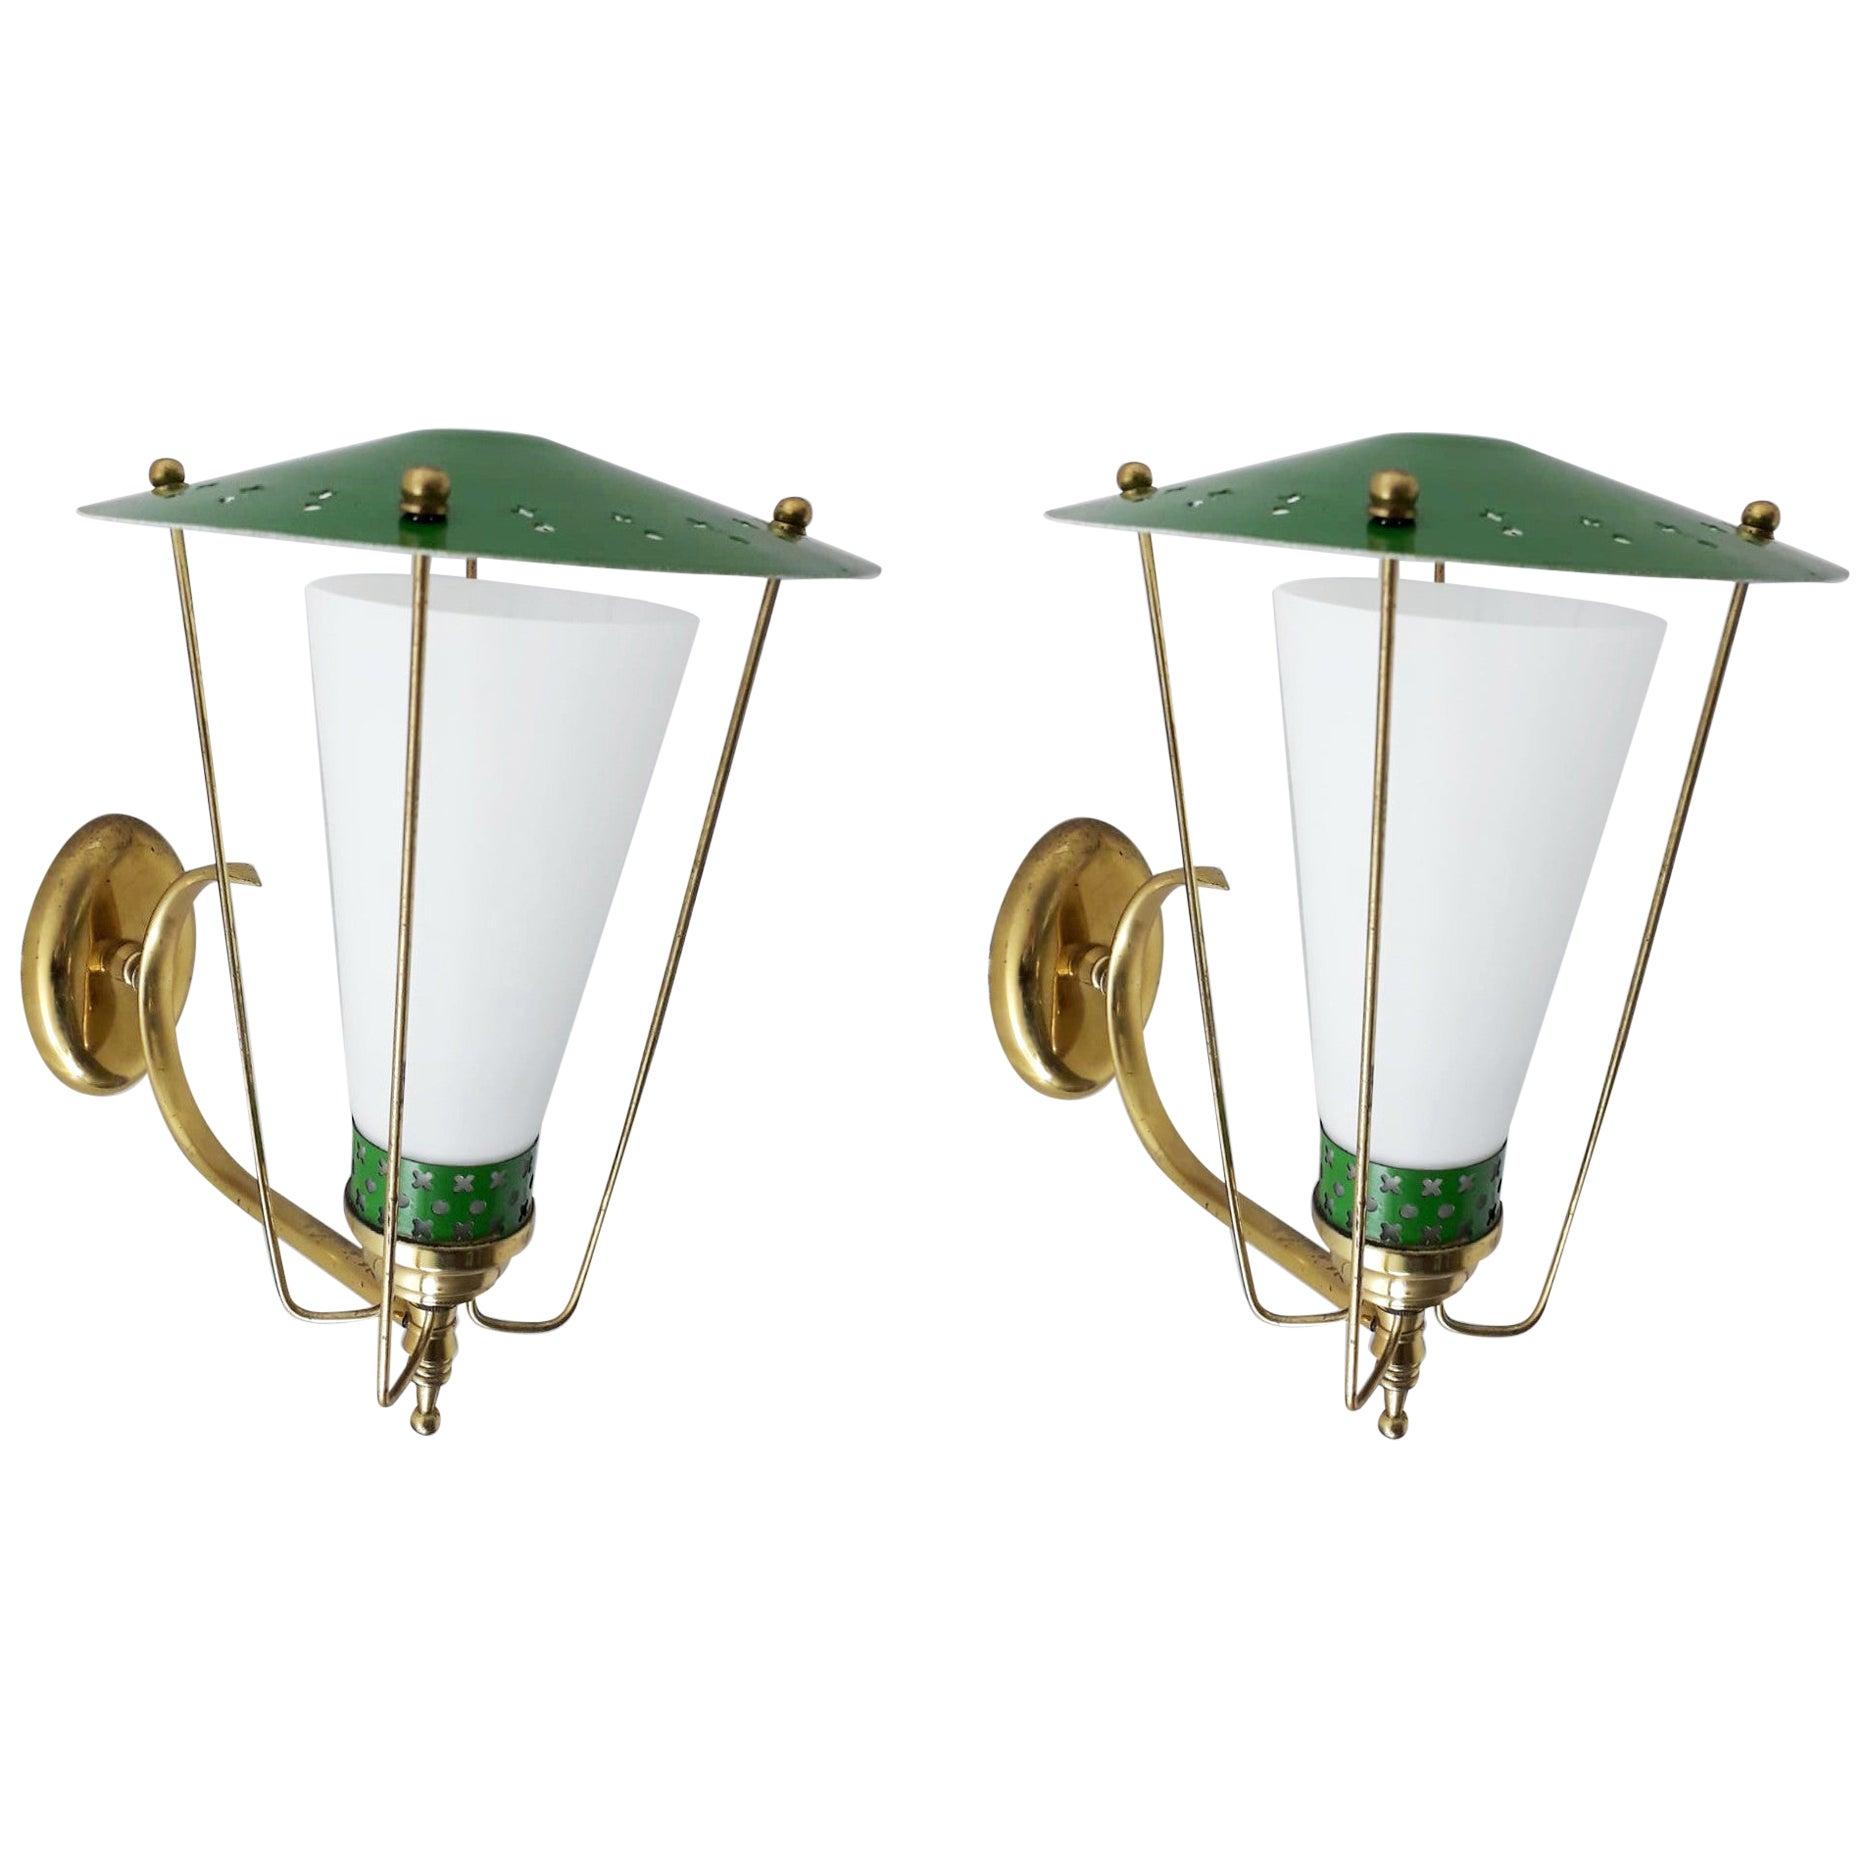 Pair of Lantern Sconces by Stilnovo